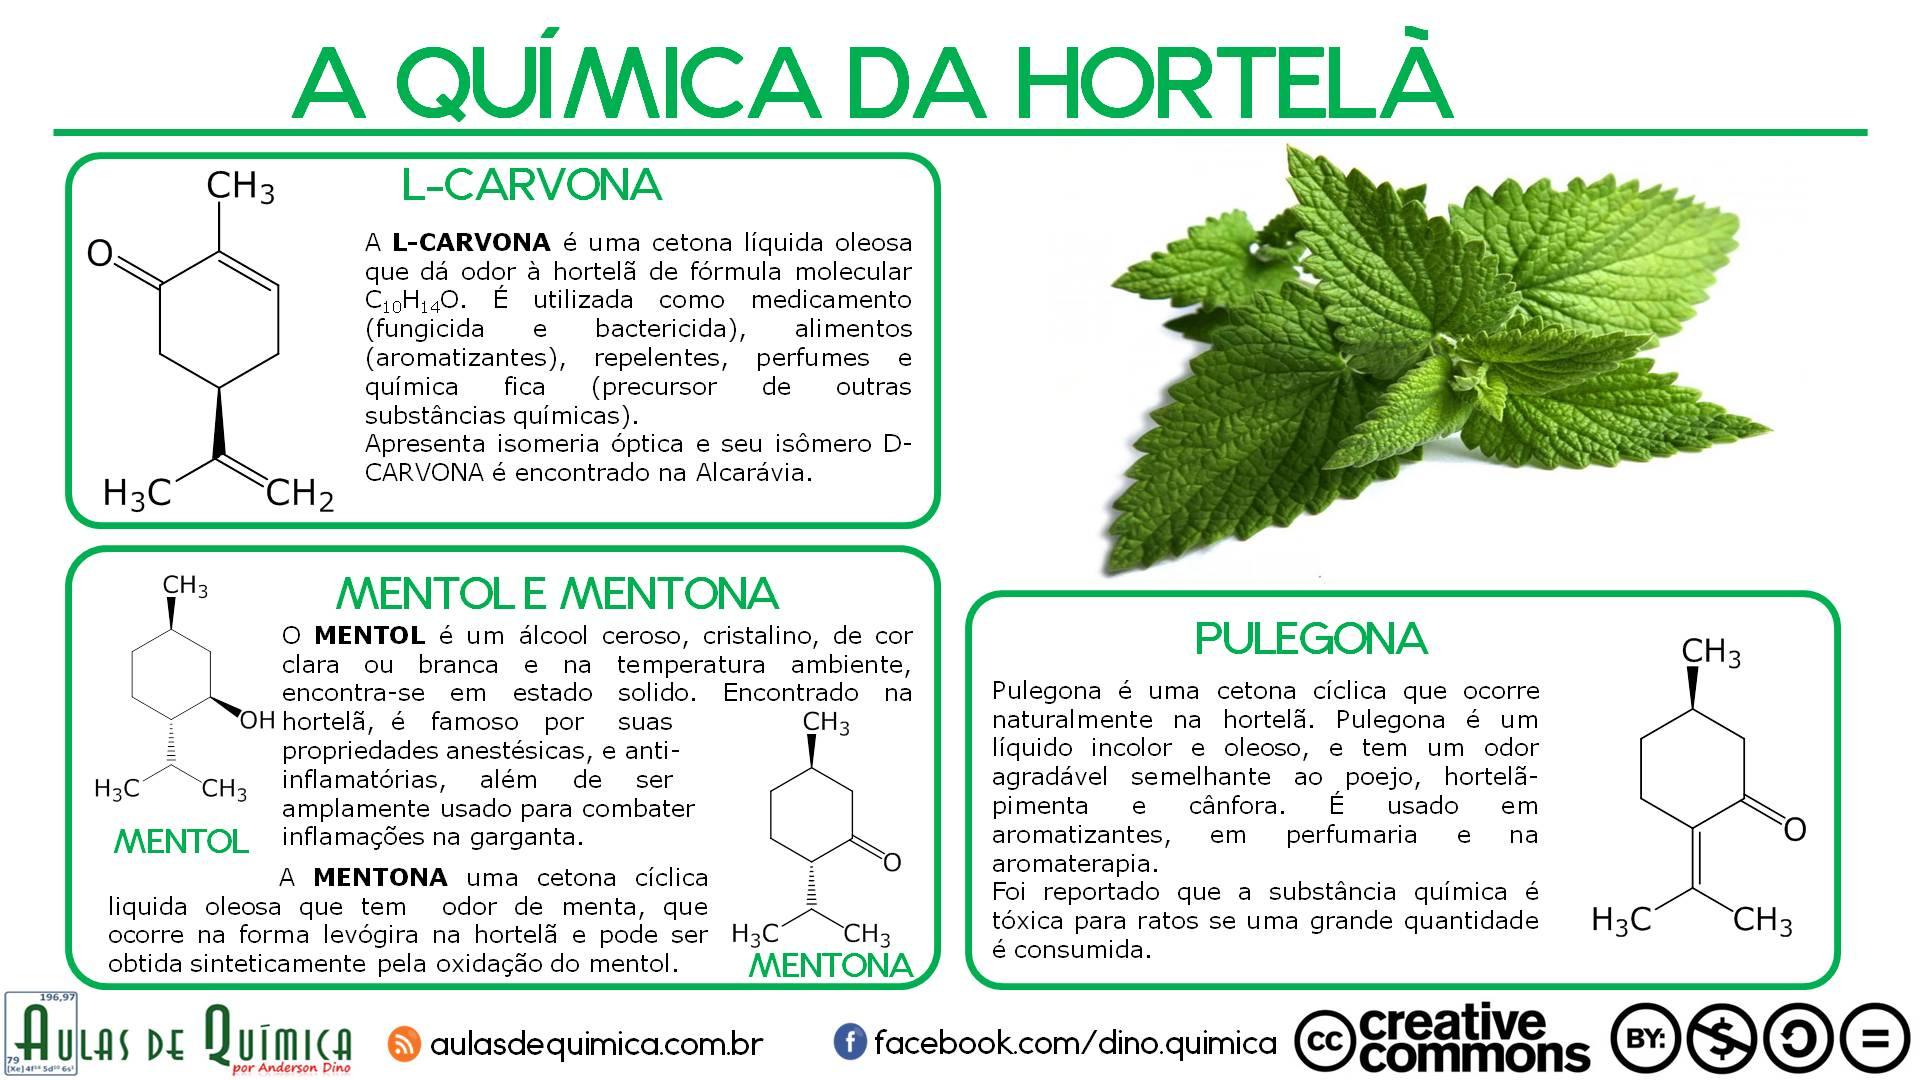 a_quimica_da_hortela